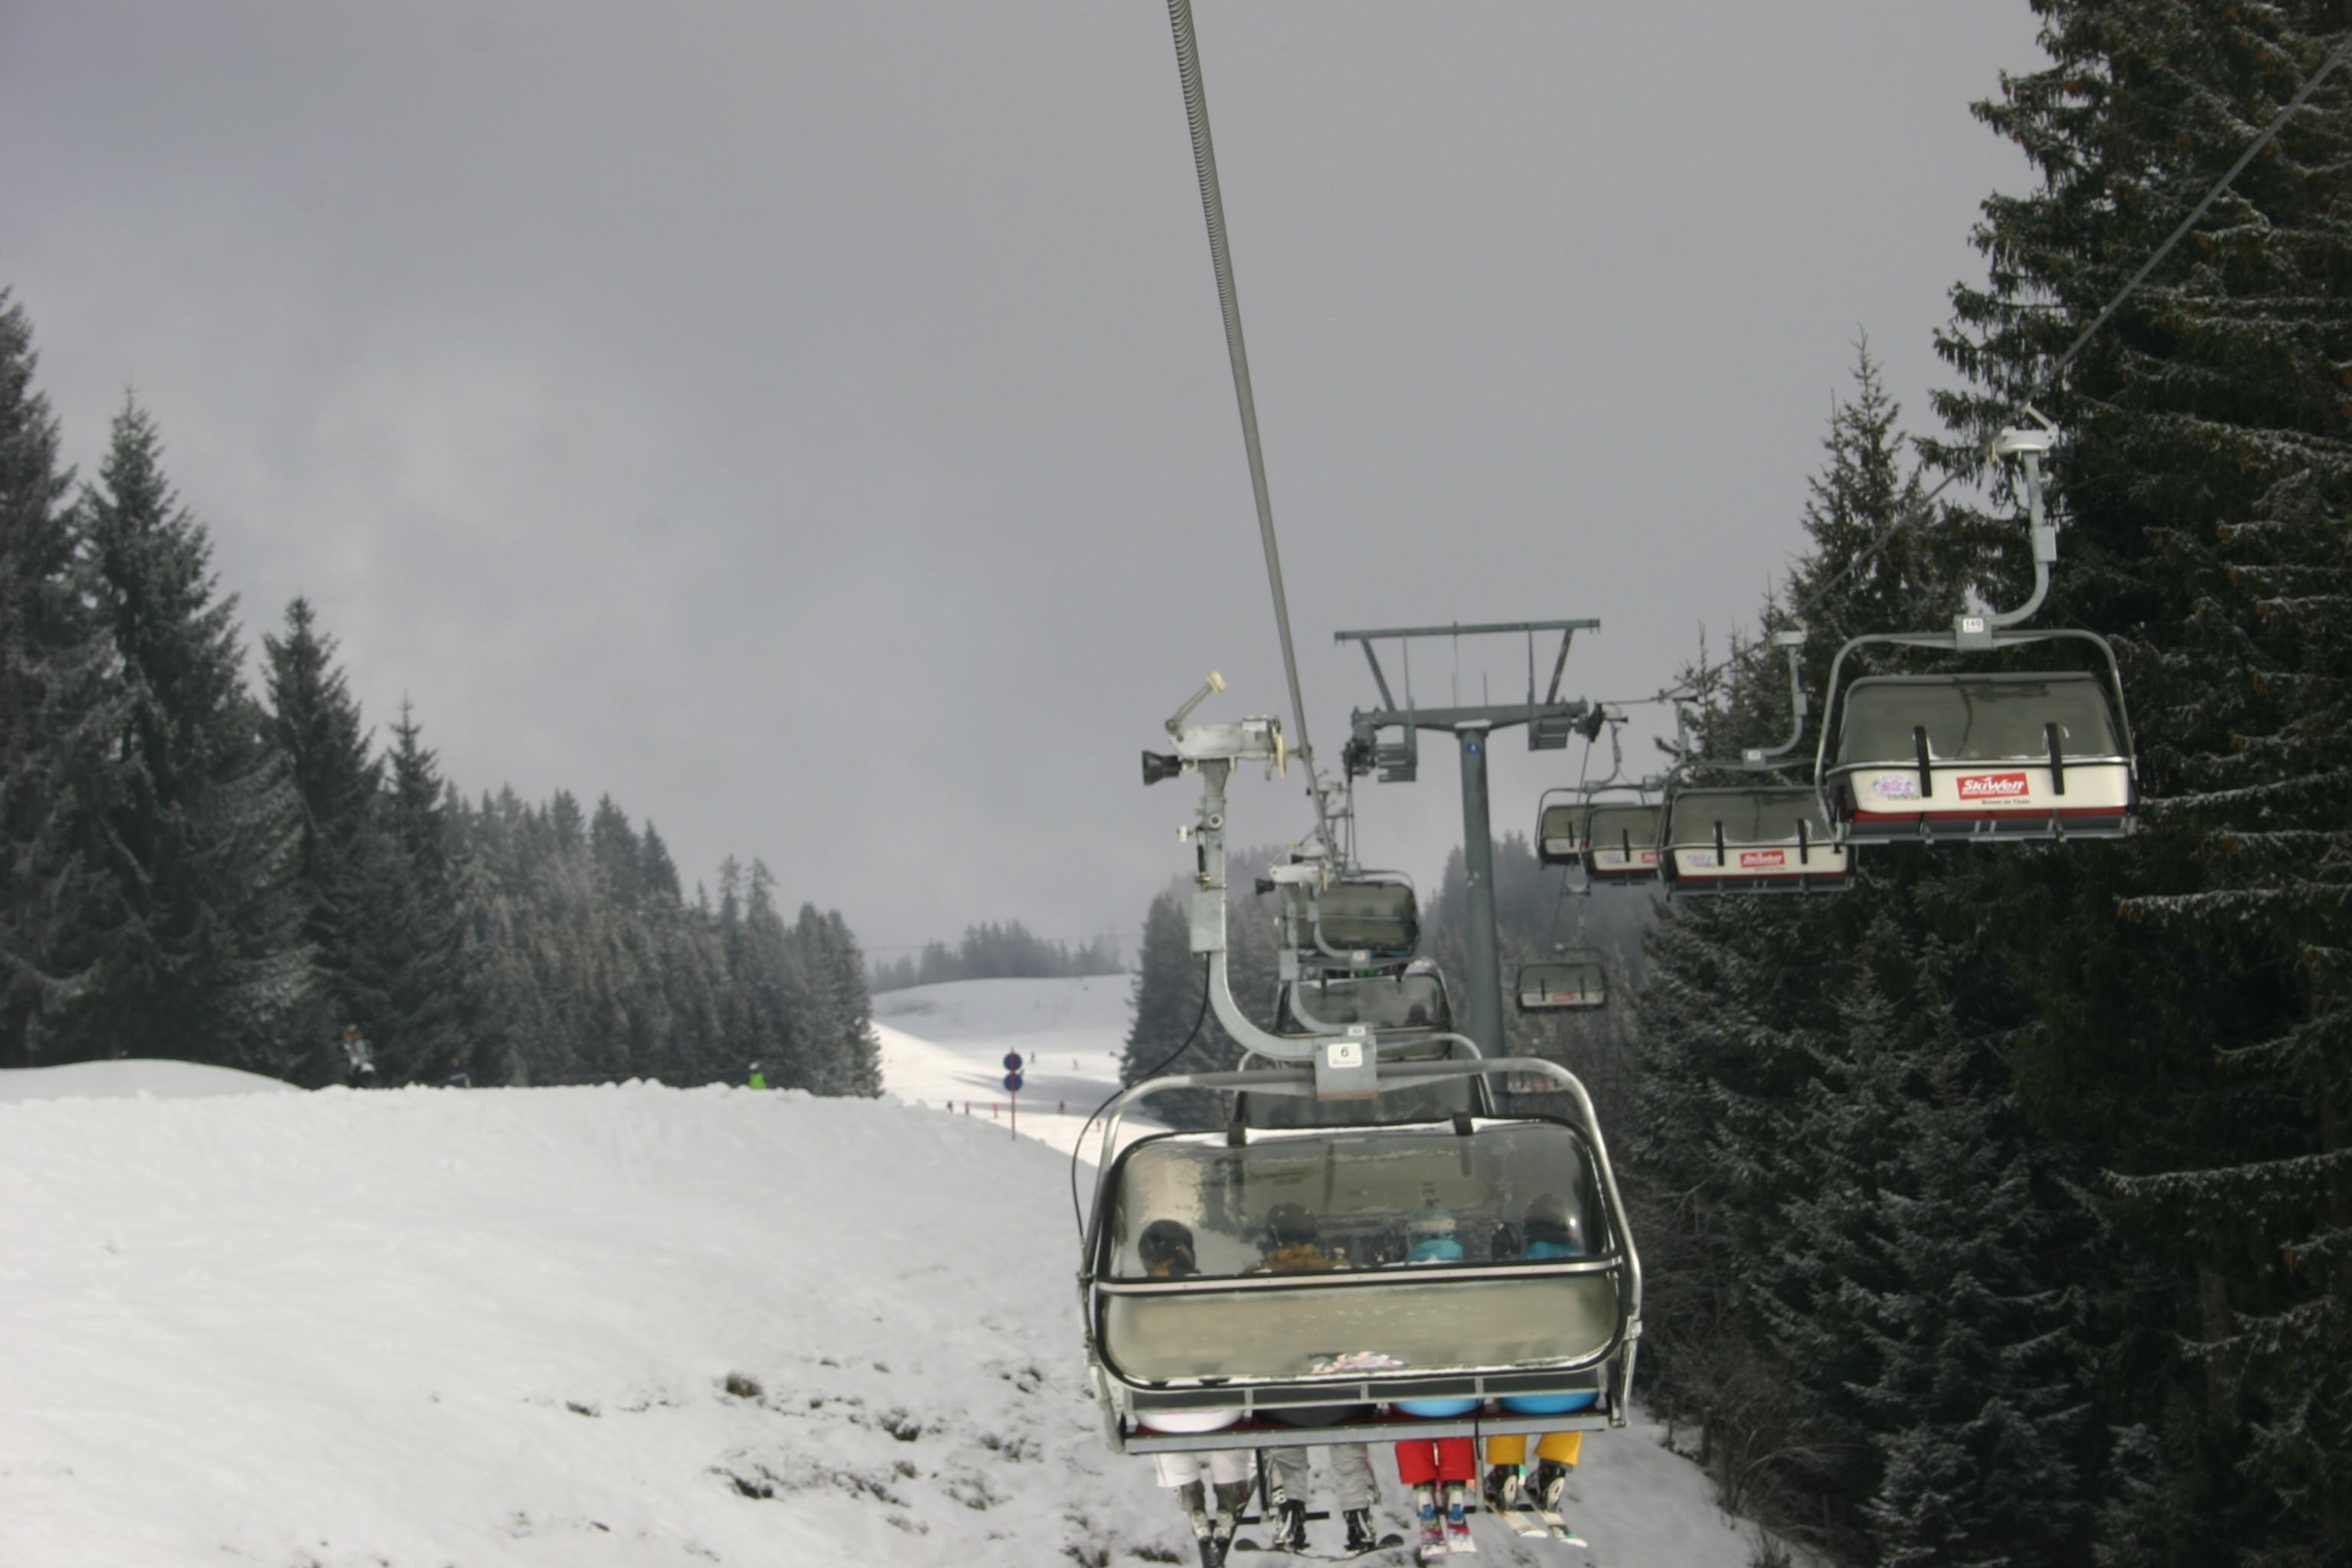 Kitzbüheler Alpen 860 - Dag 8